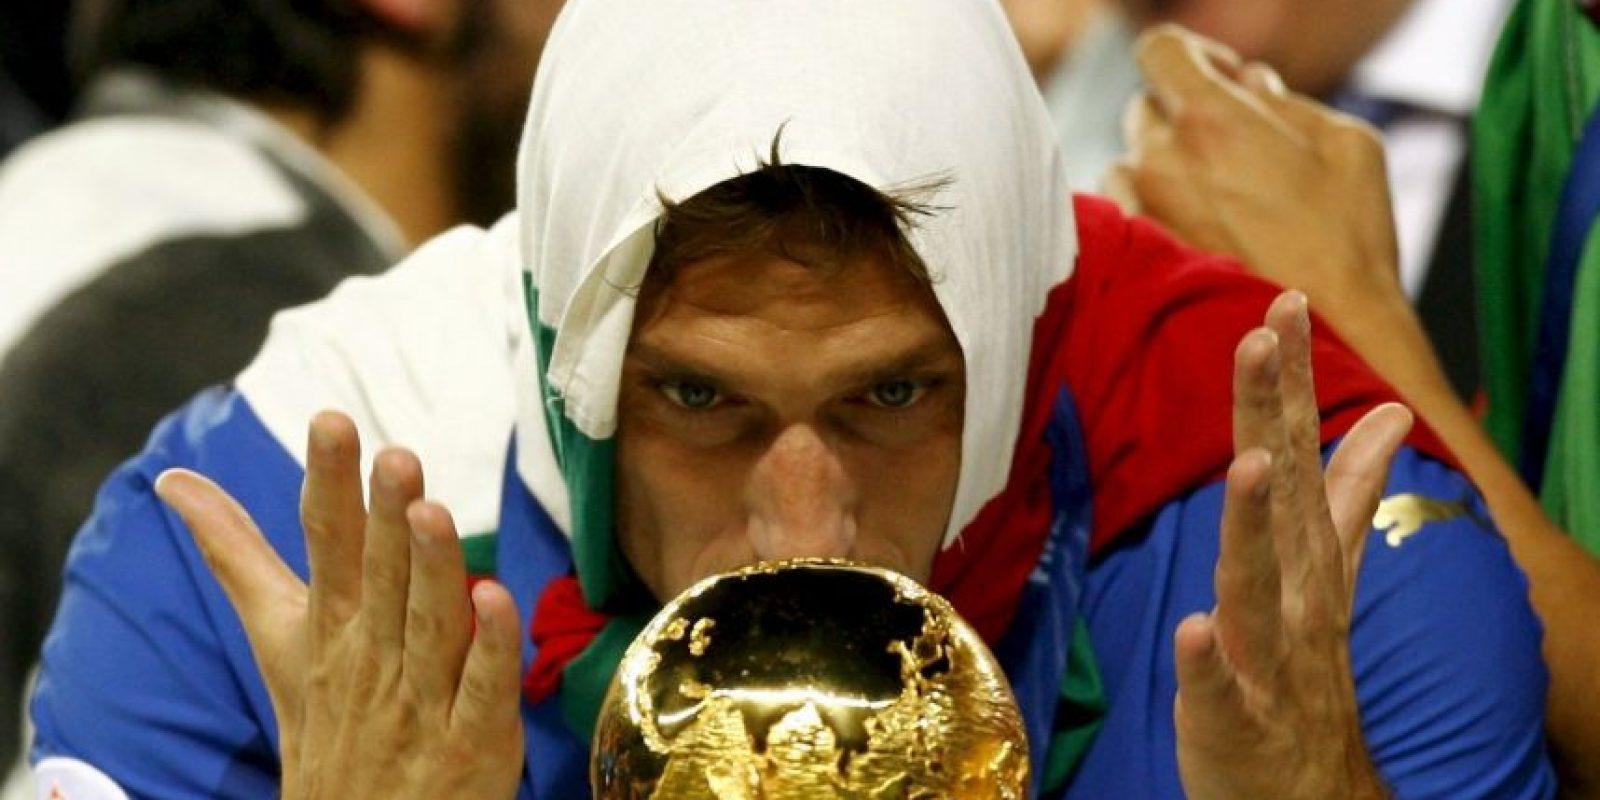 Fue campeón del mundo Sub 21 en 1996 y diez años después conseguiría la gran gloria, luego de proclamarse campeón del Mundo con Italia en Alemania 2006. Con la Azzurra sumó 58 partidos y nueve anotaciones. Foto:Getty Images